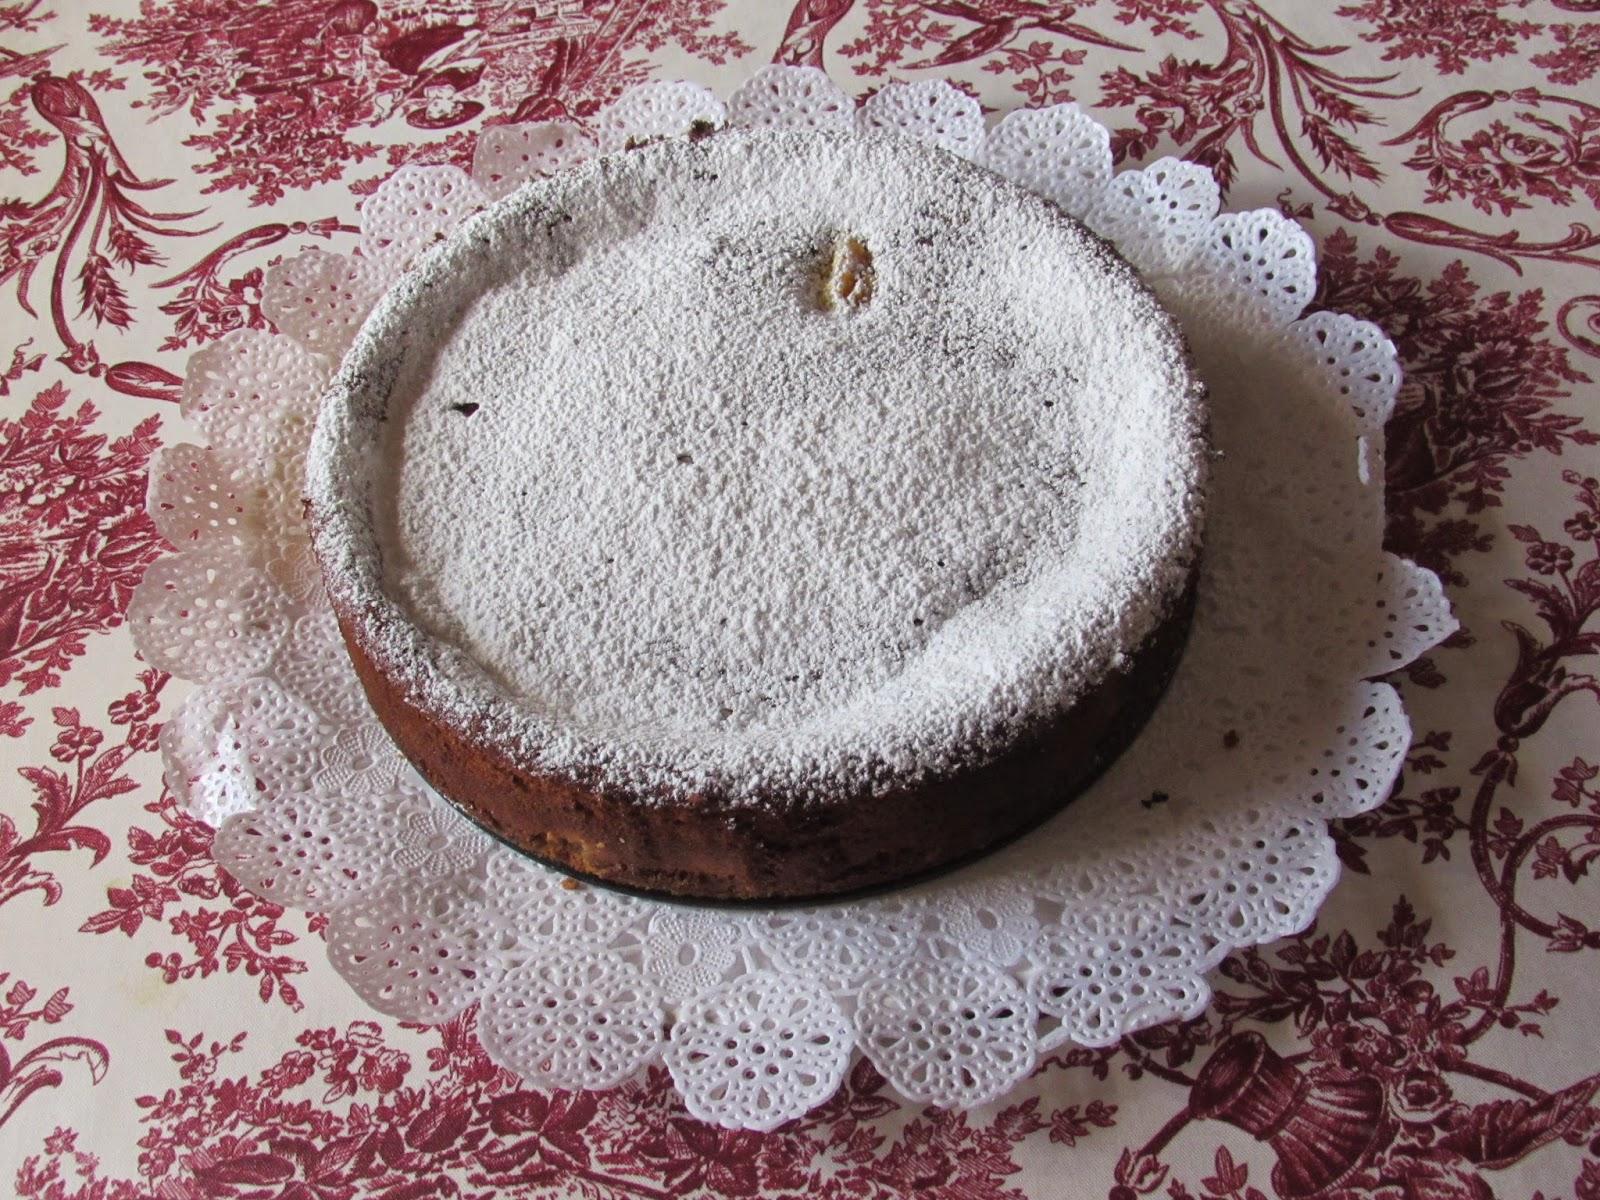 Tarta de manzana a la crema, receta